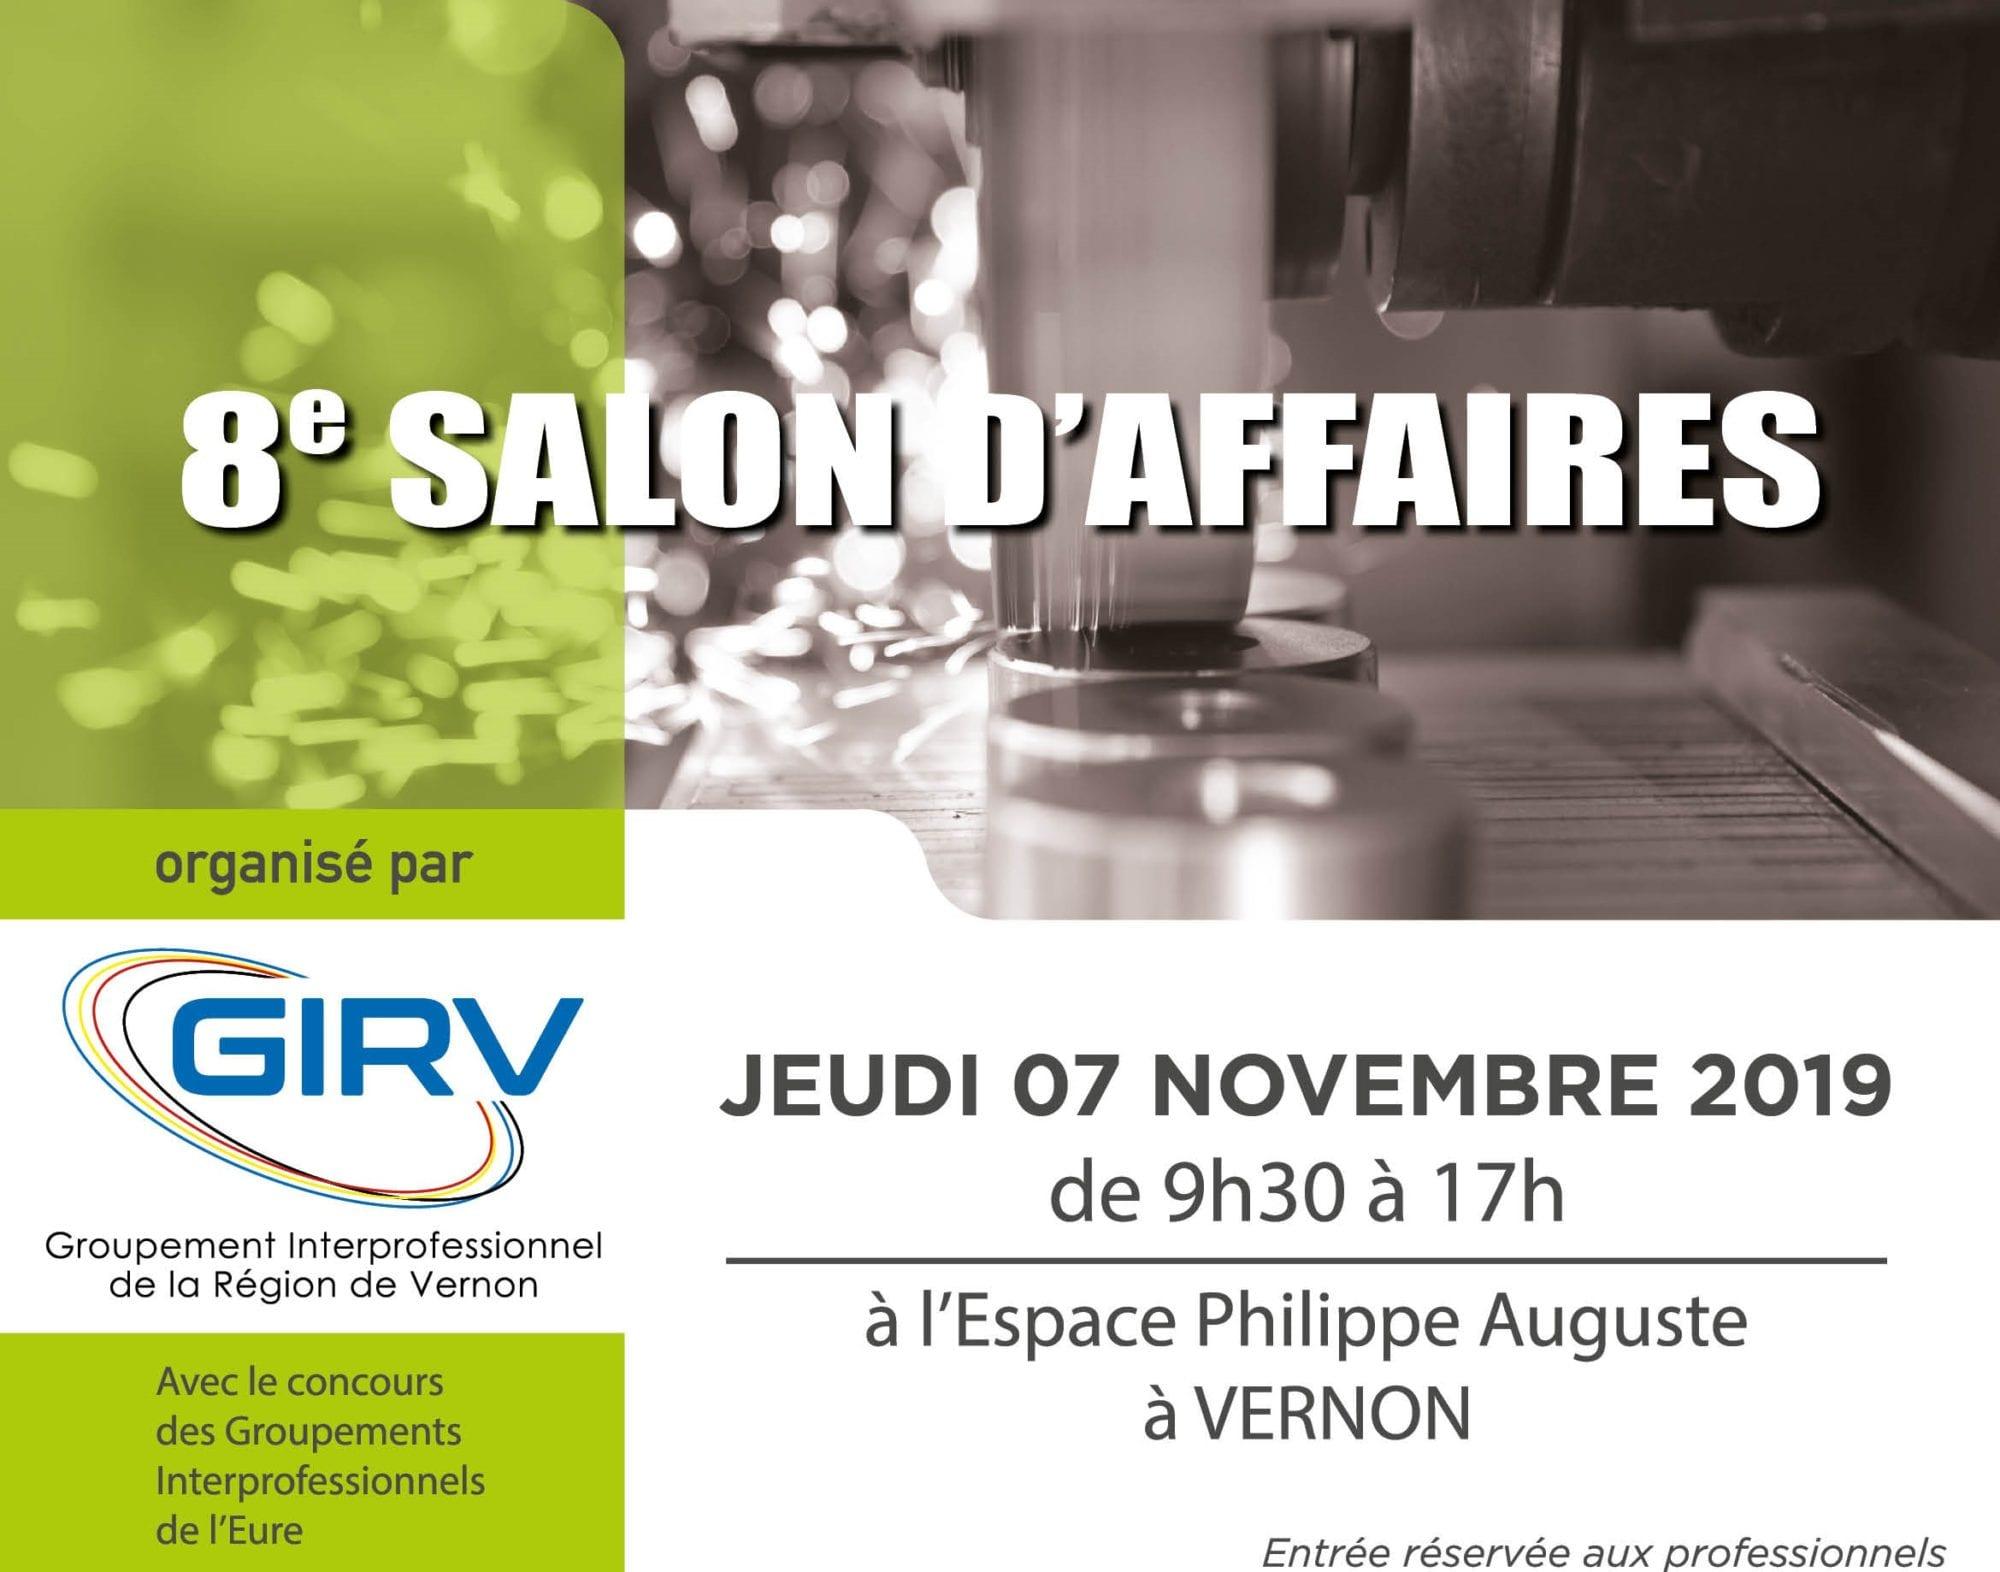 Salon du GIRV Vernon 2019